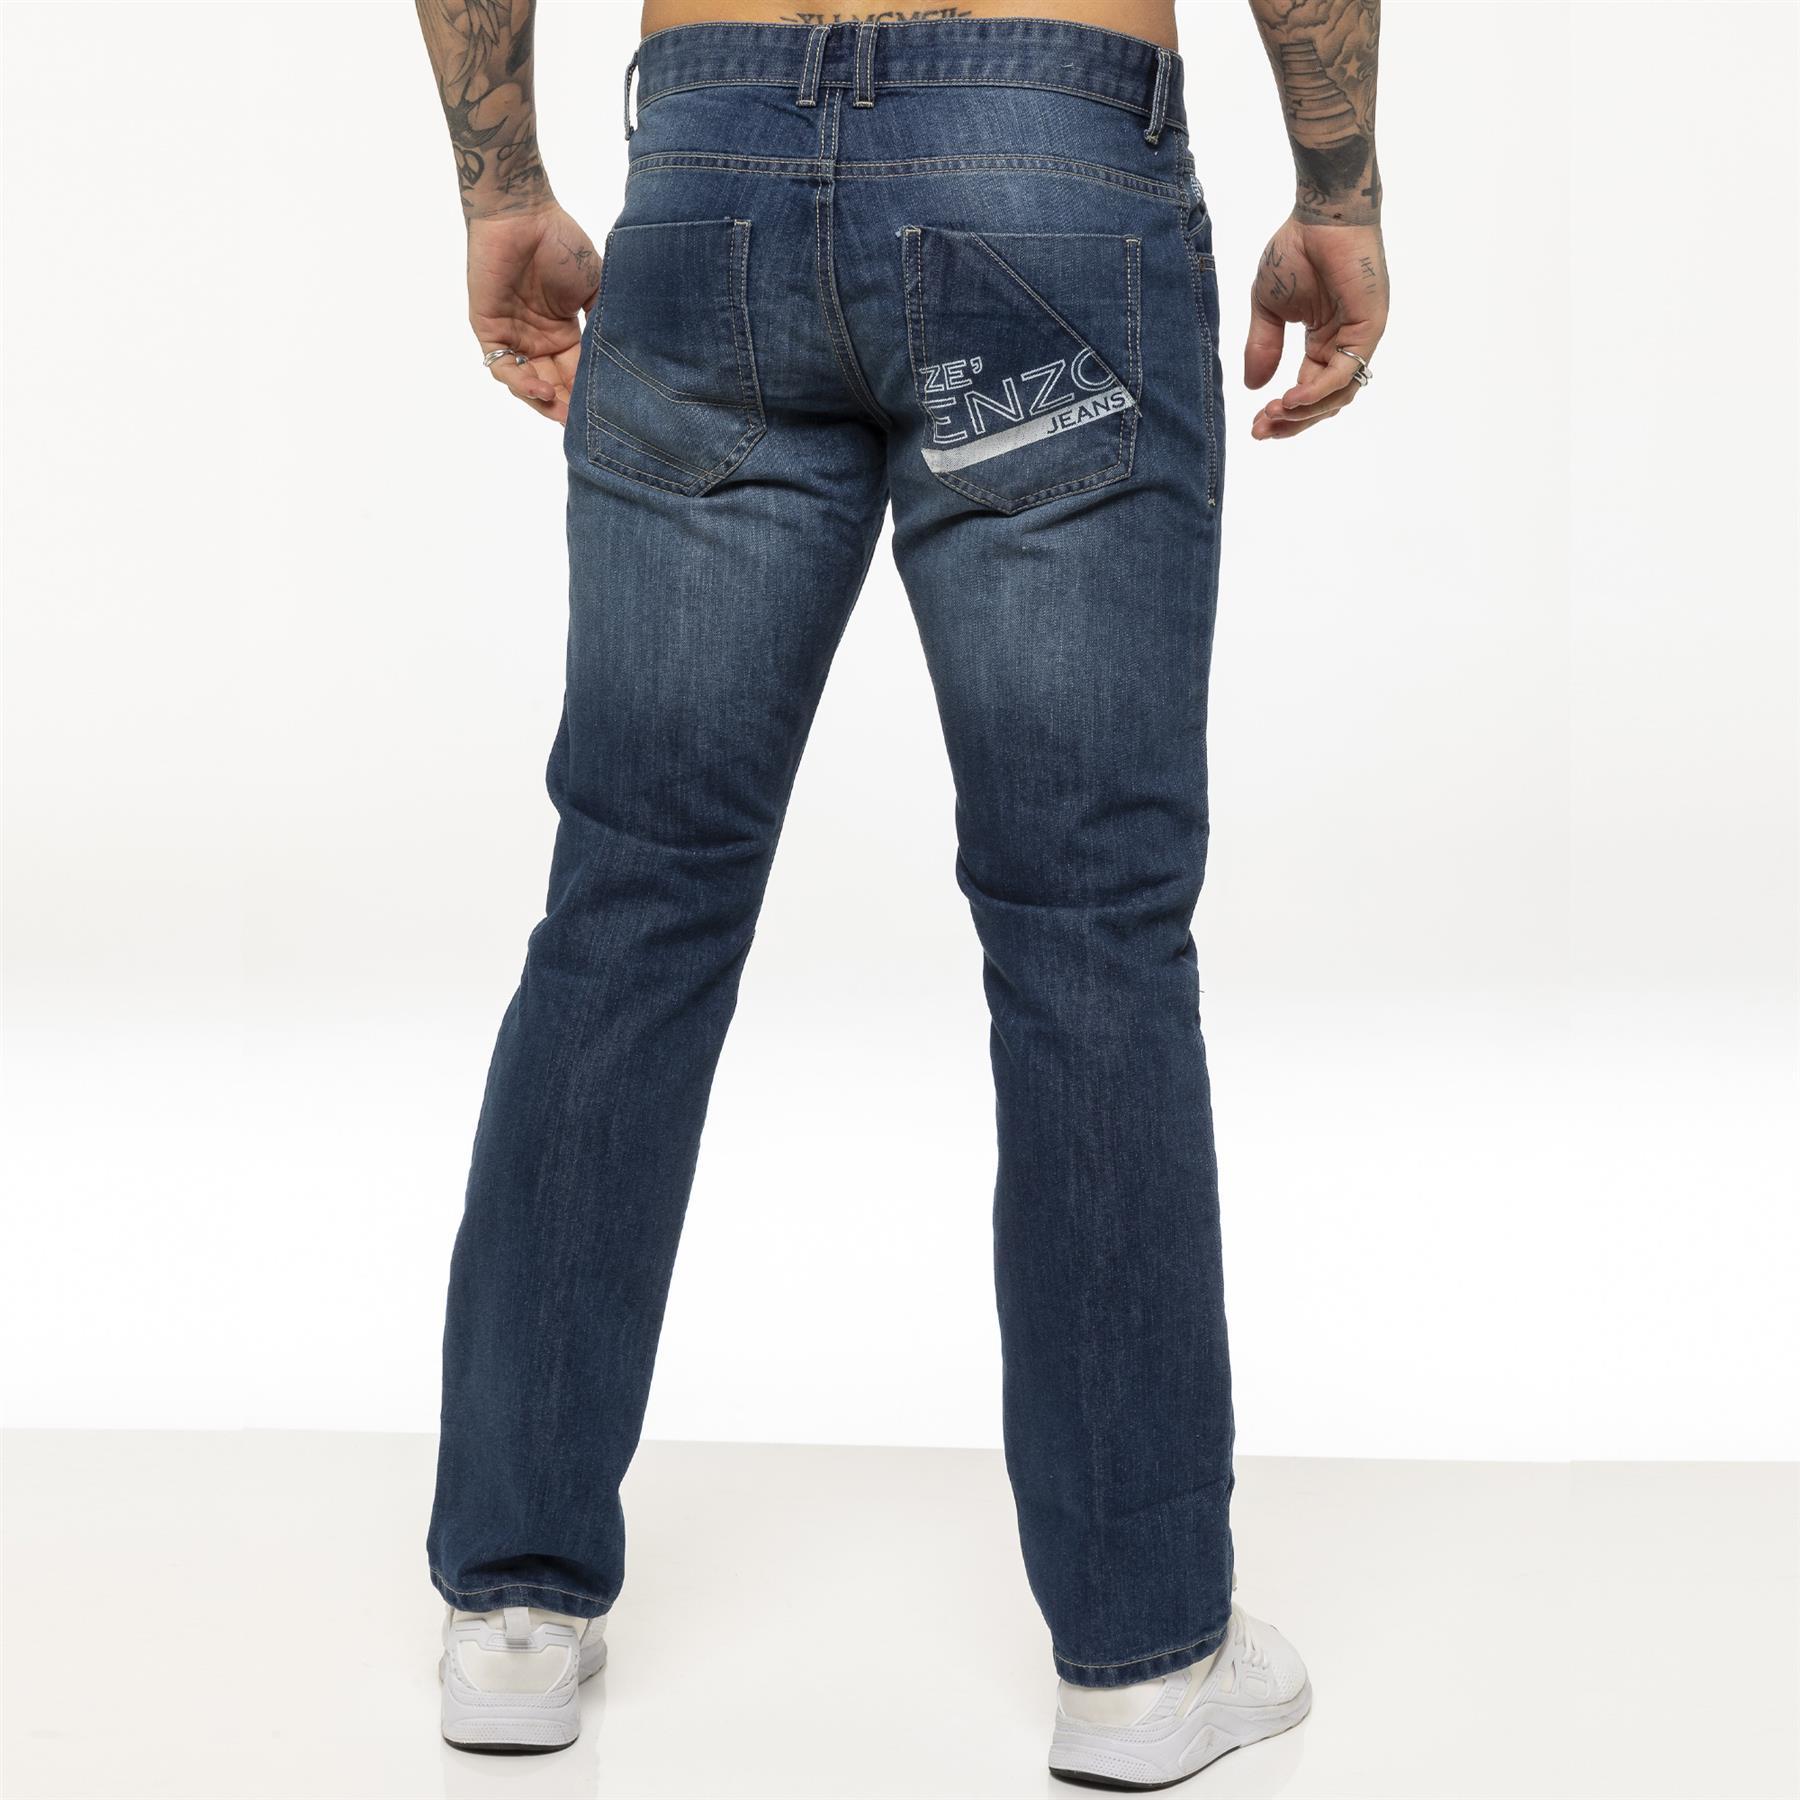 miniature 12 - Enzo pour homme coupe droite regular leg homme travail Denim Pantalon Toutes Tailles Tailles